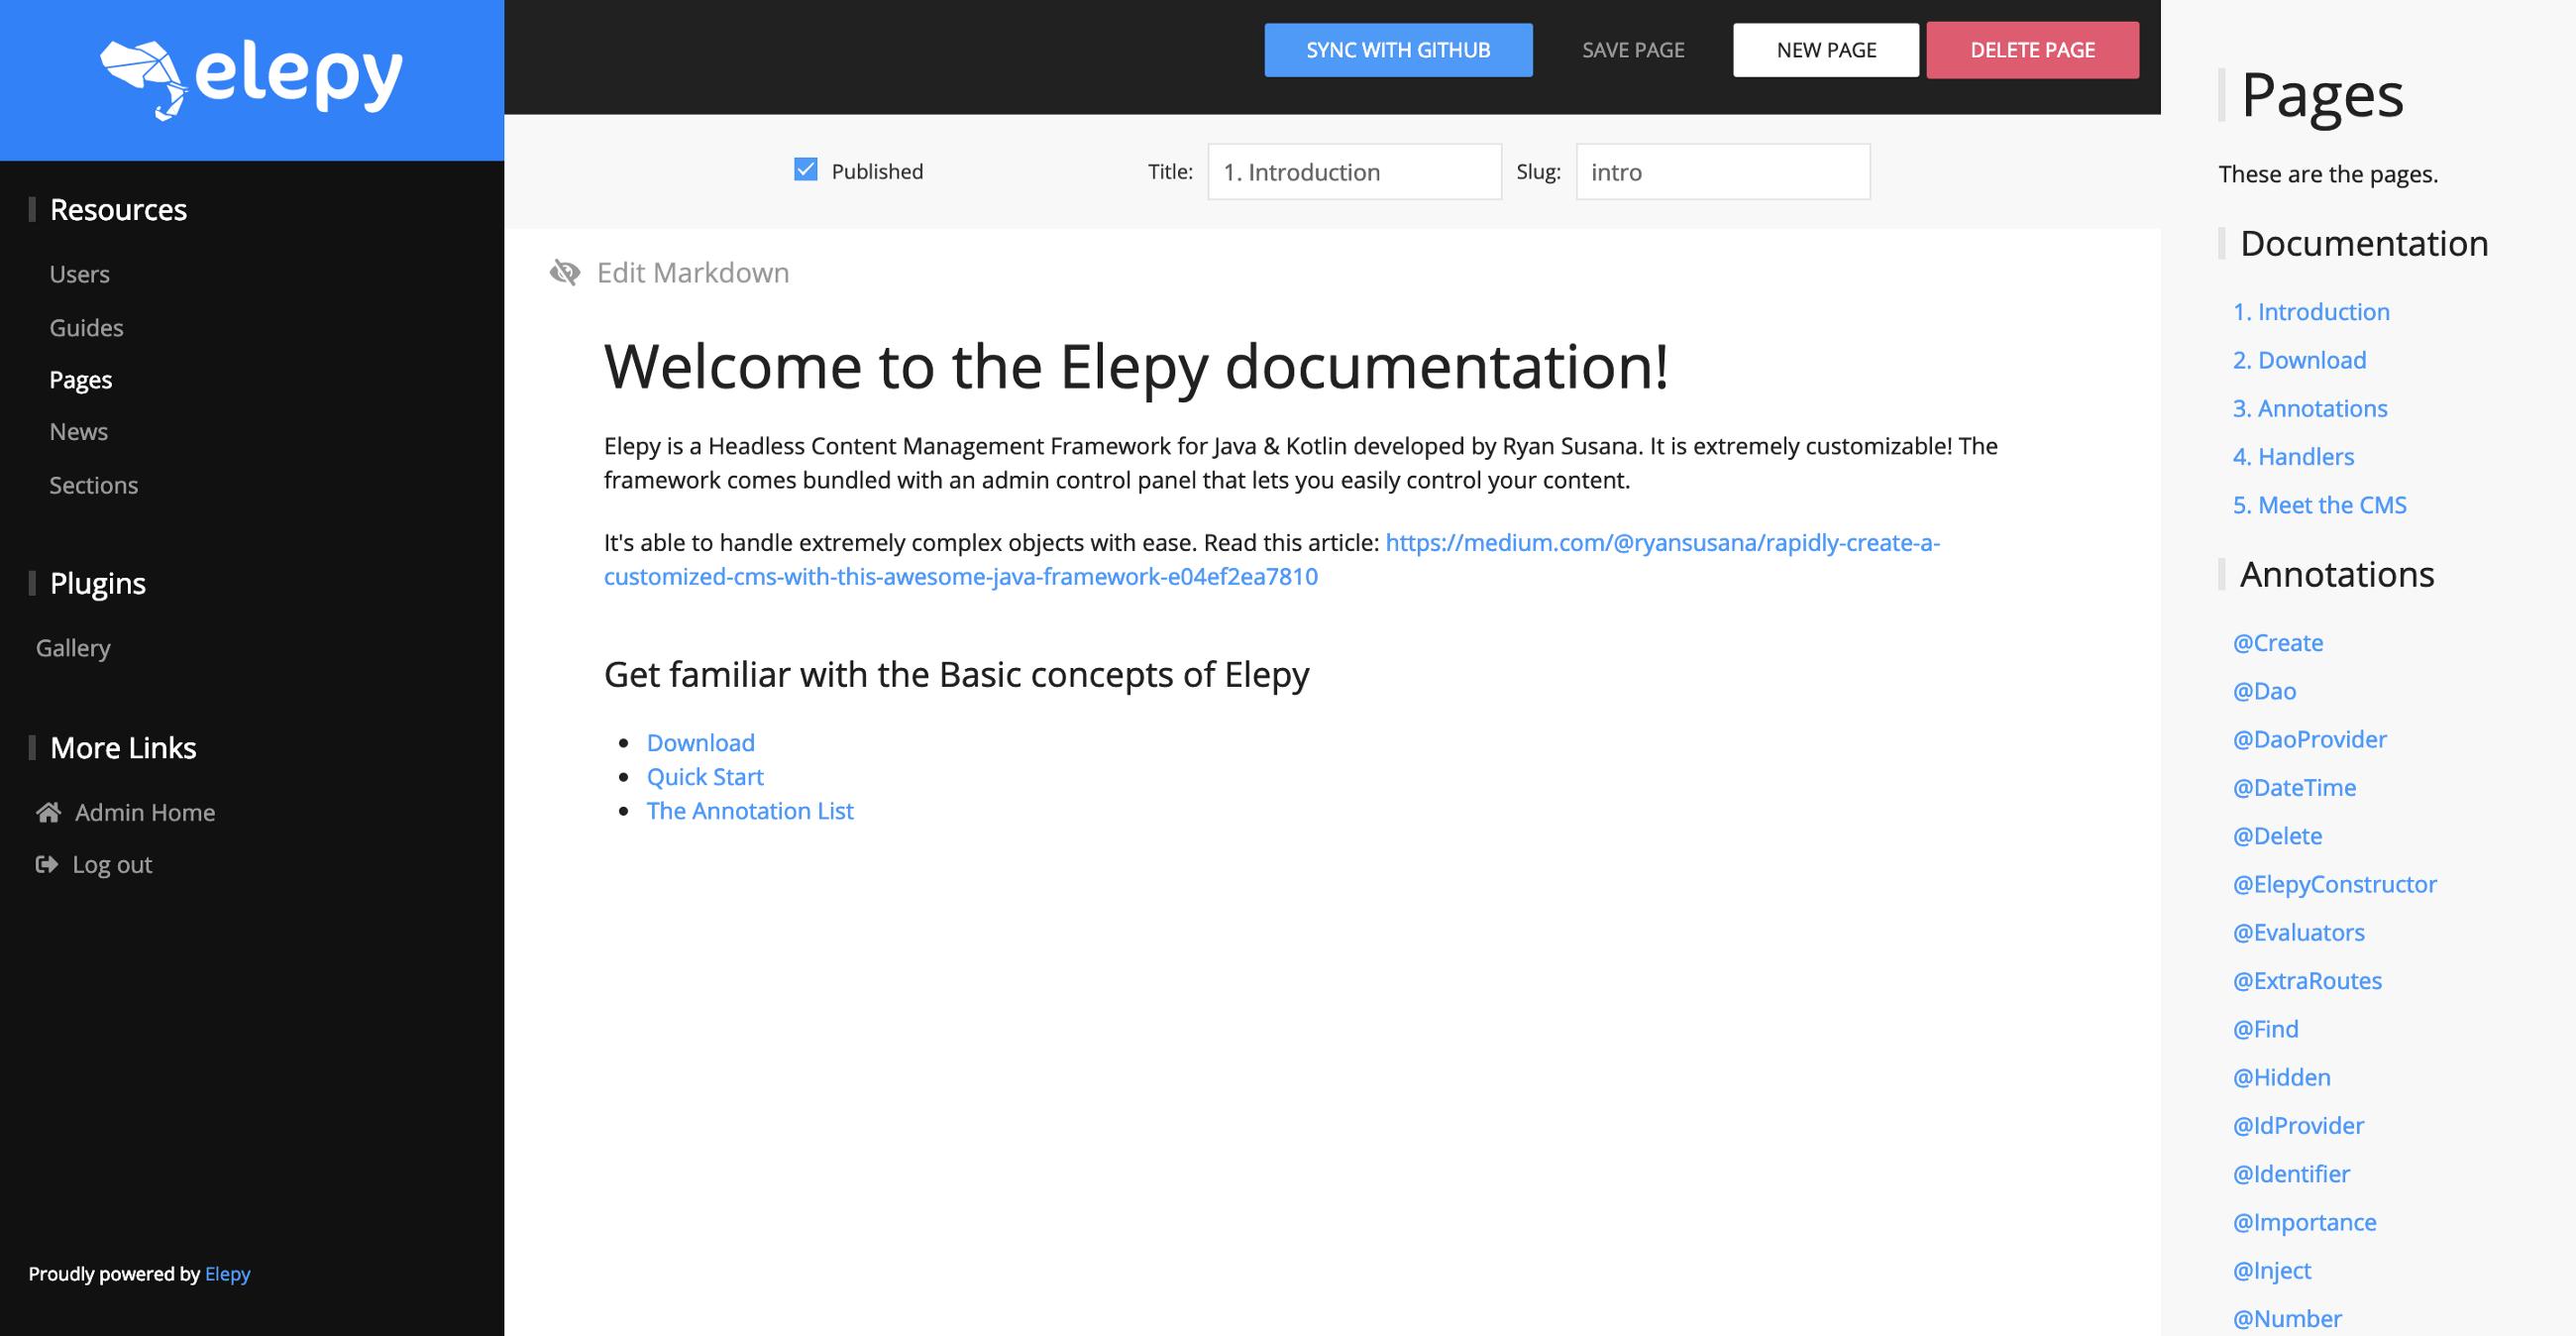 A quick image of a custom Elepy UI